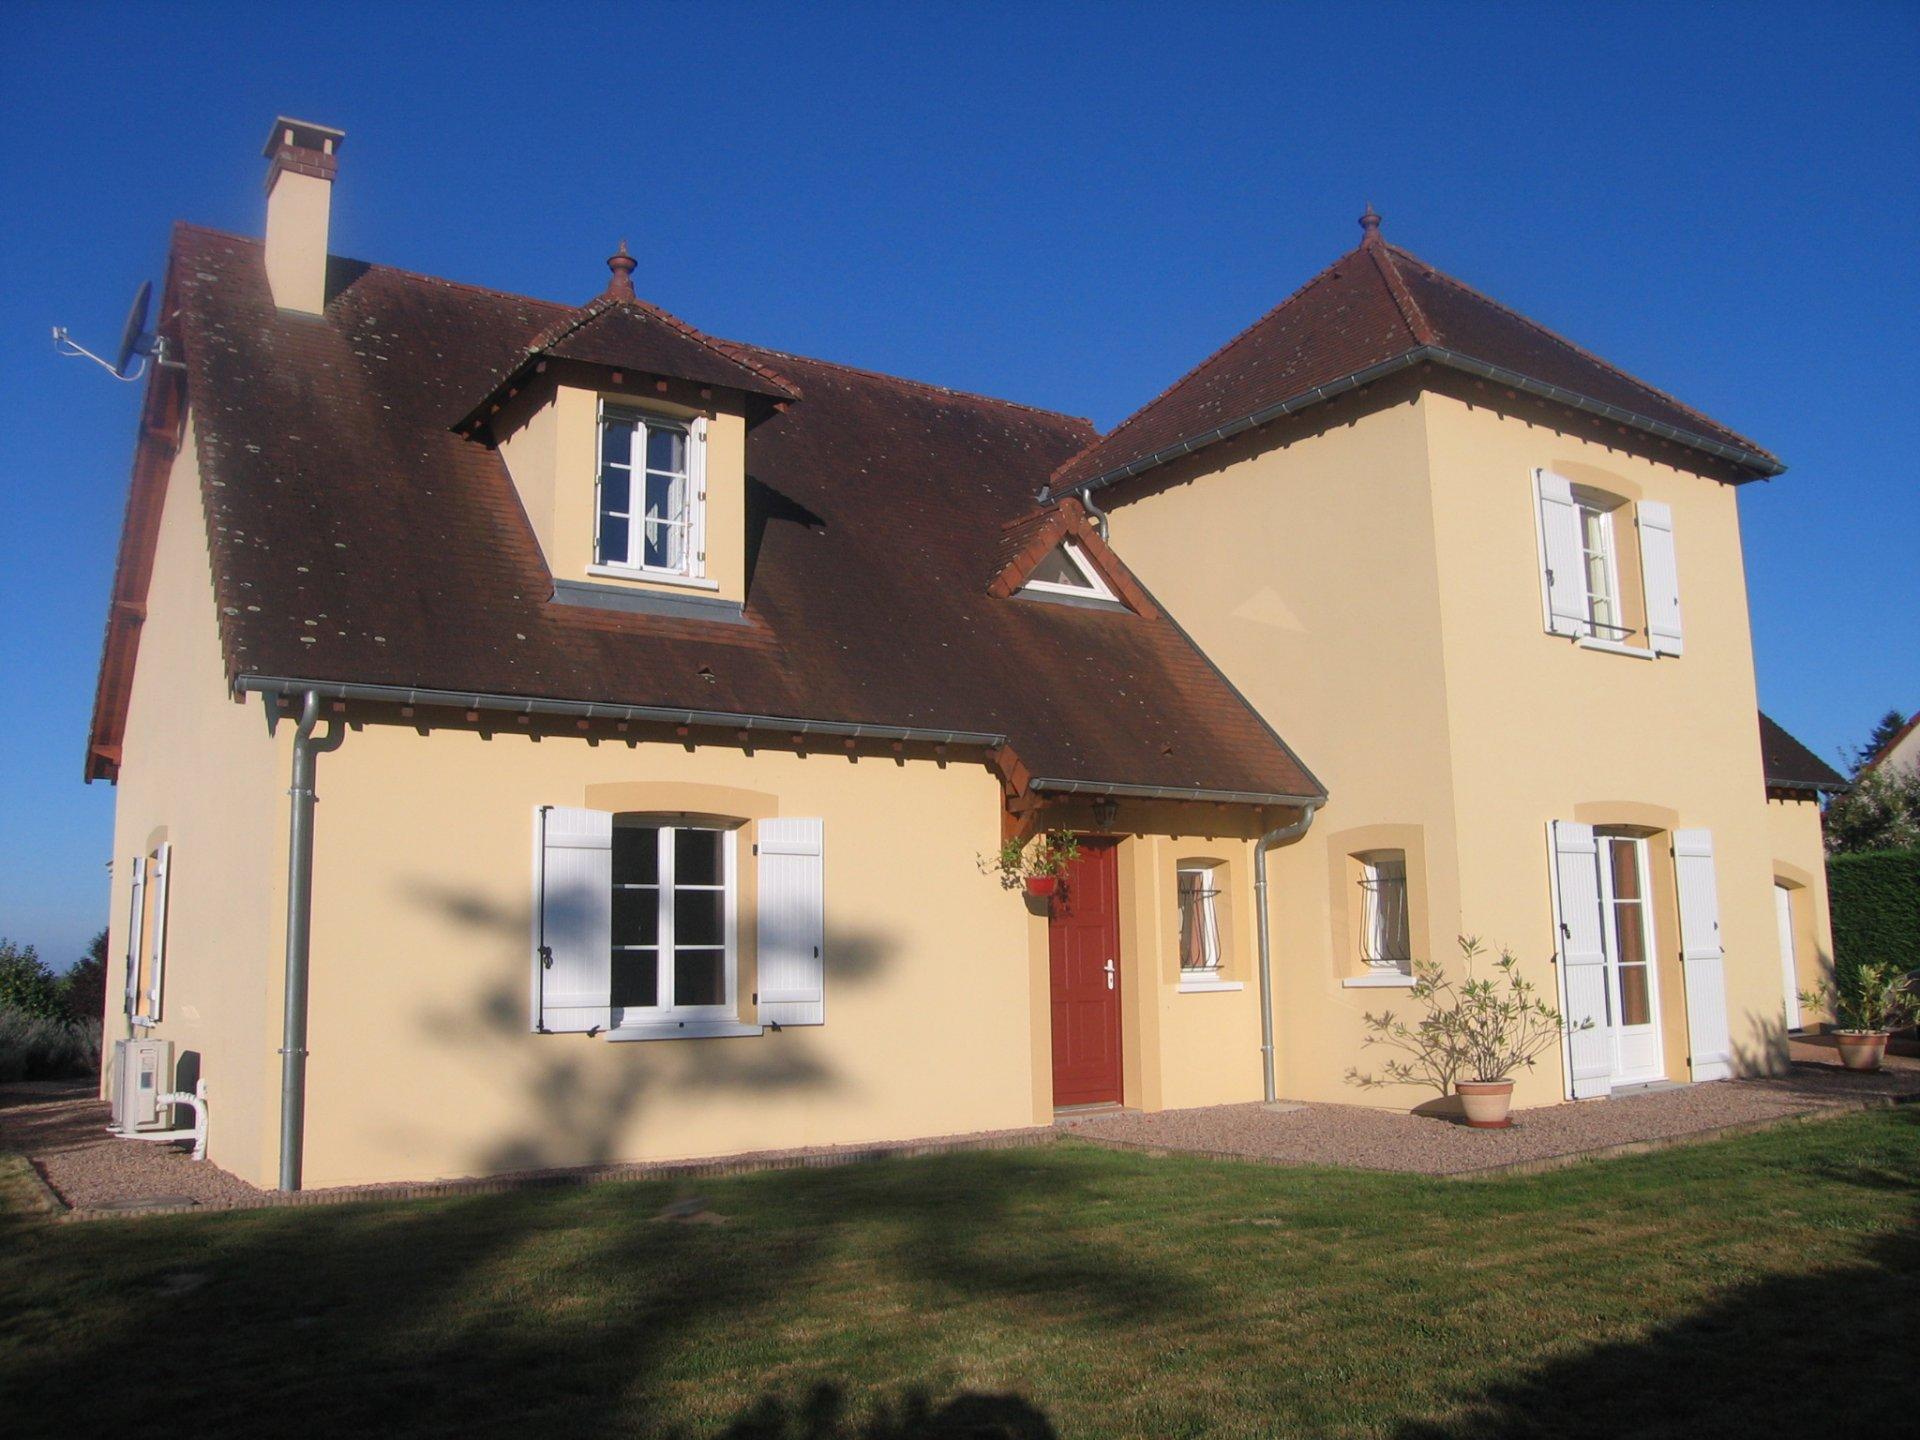 Villa moderne avec tour à vendre près de Château-Chinon.